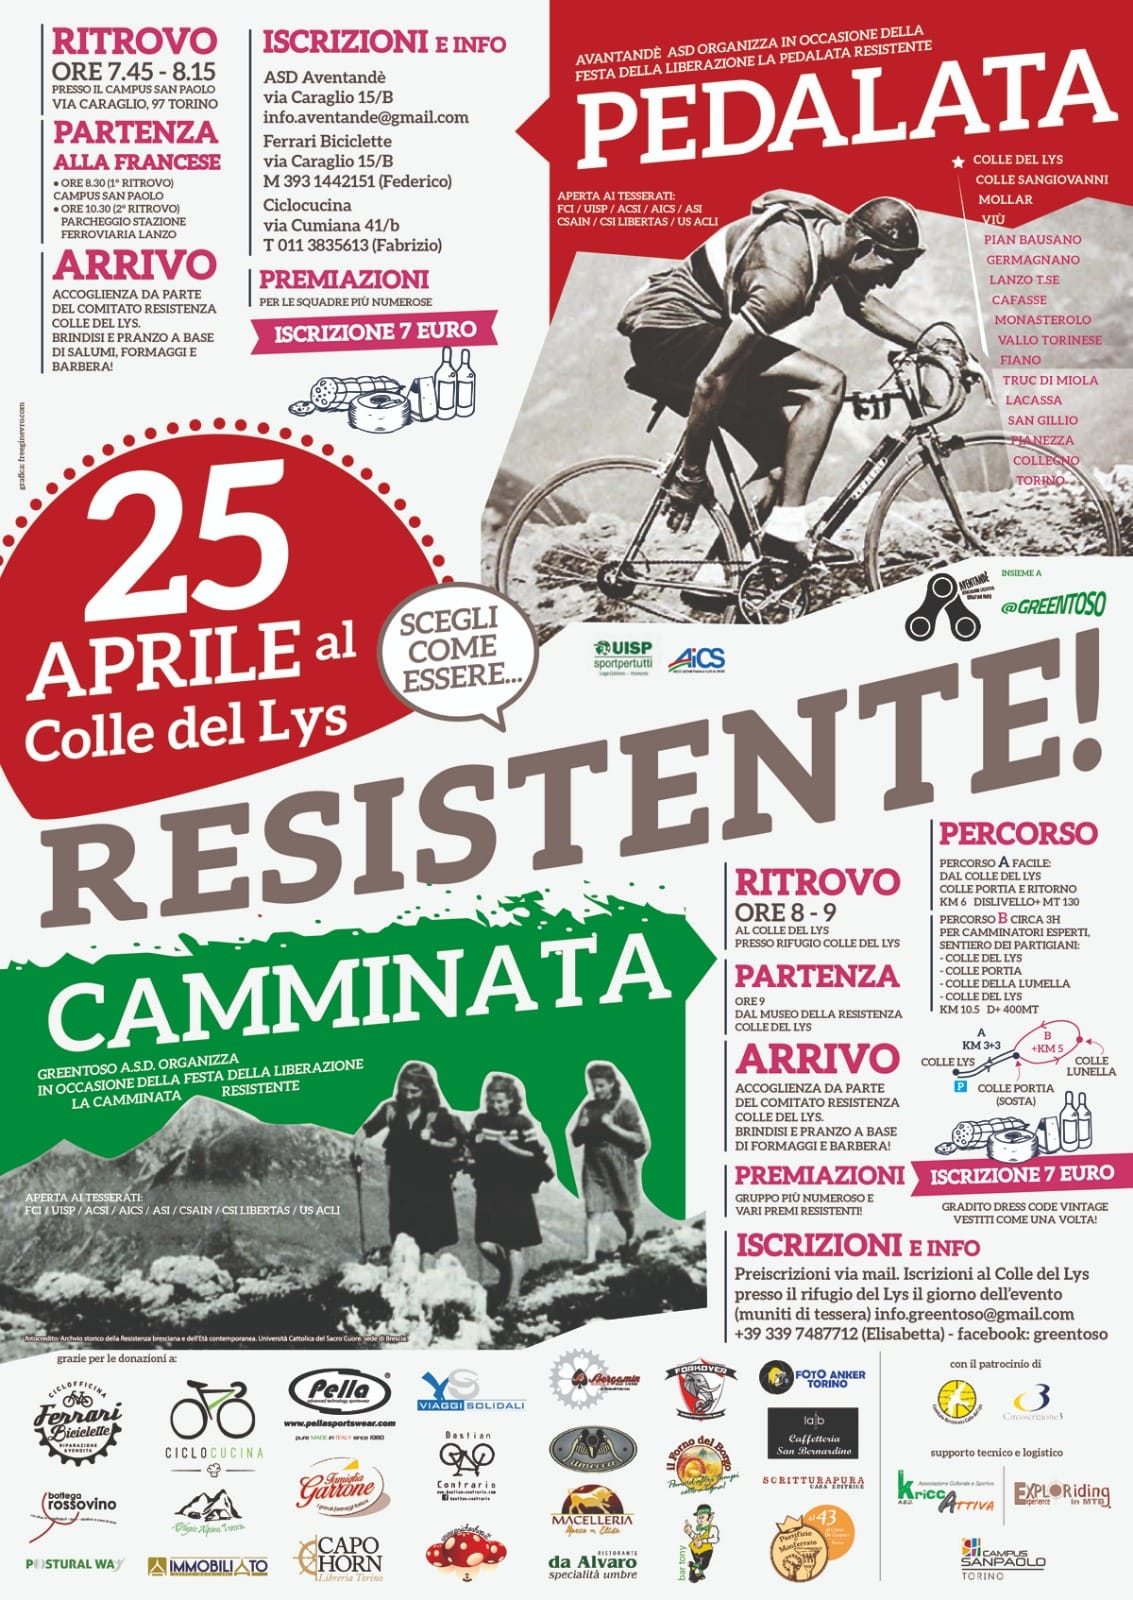 25 Aprile 2019 Pedalata Resistente Col Del Lys